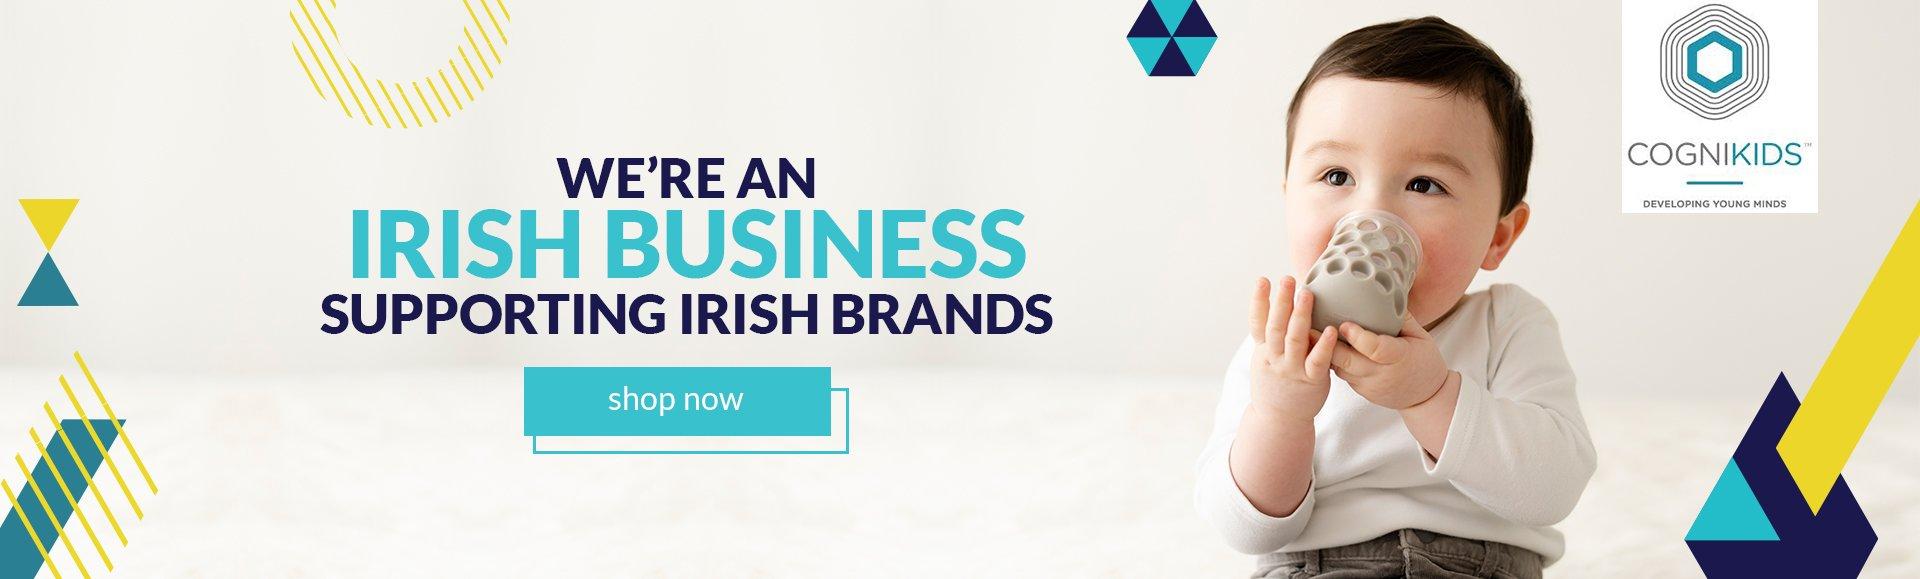 Irish business